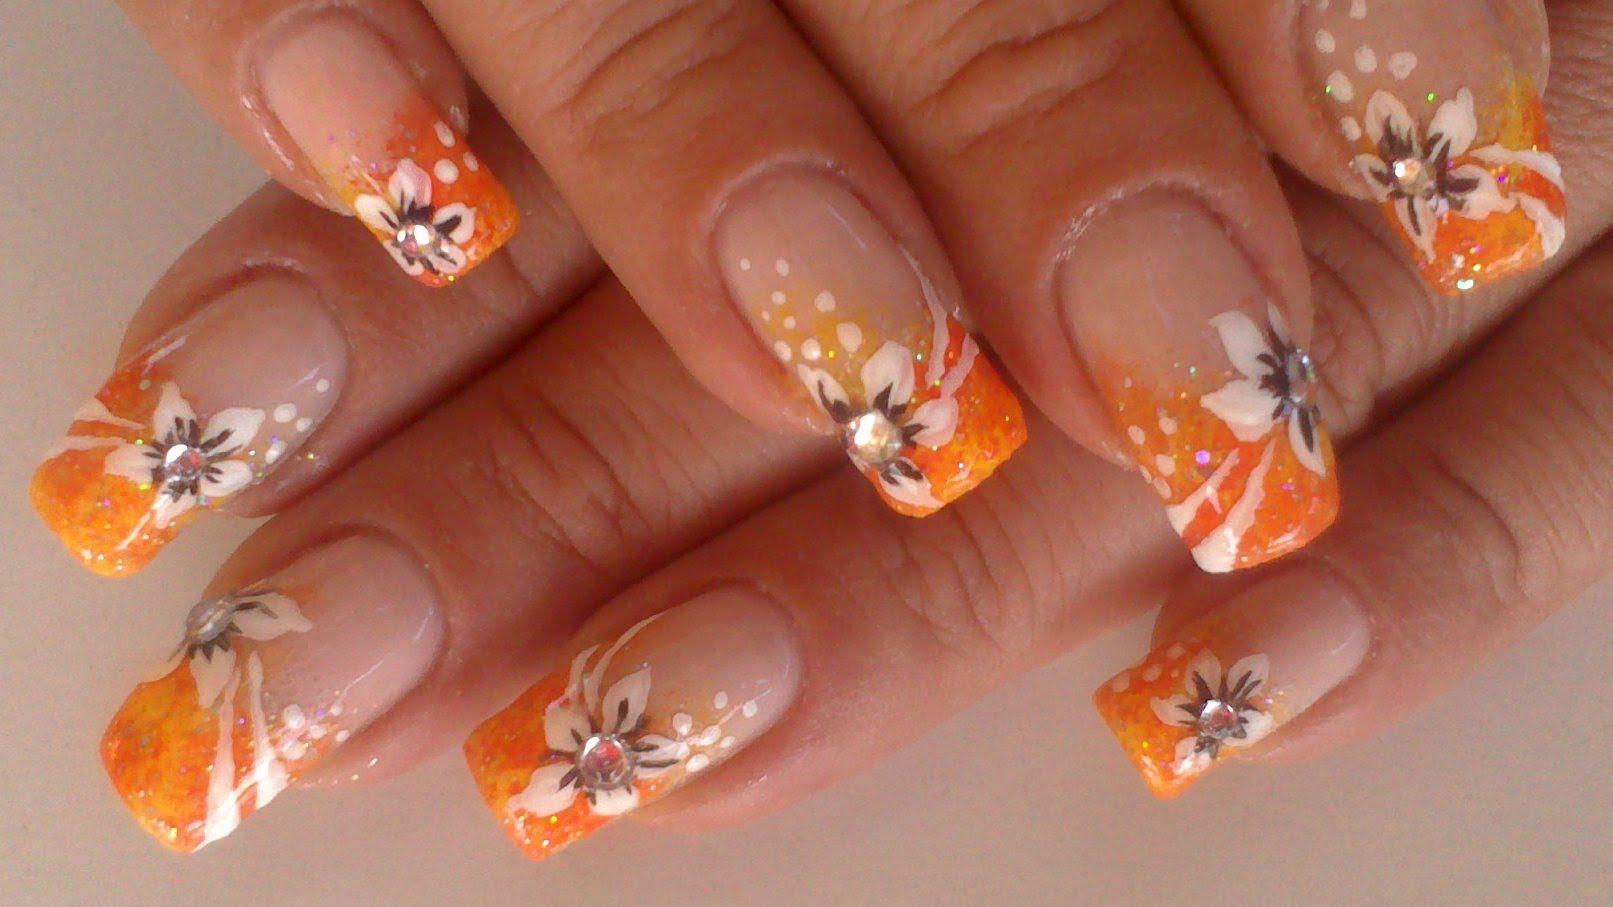 The Advantages of Nail Art | NAIL ART | Pinterest